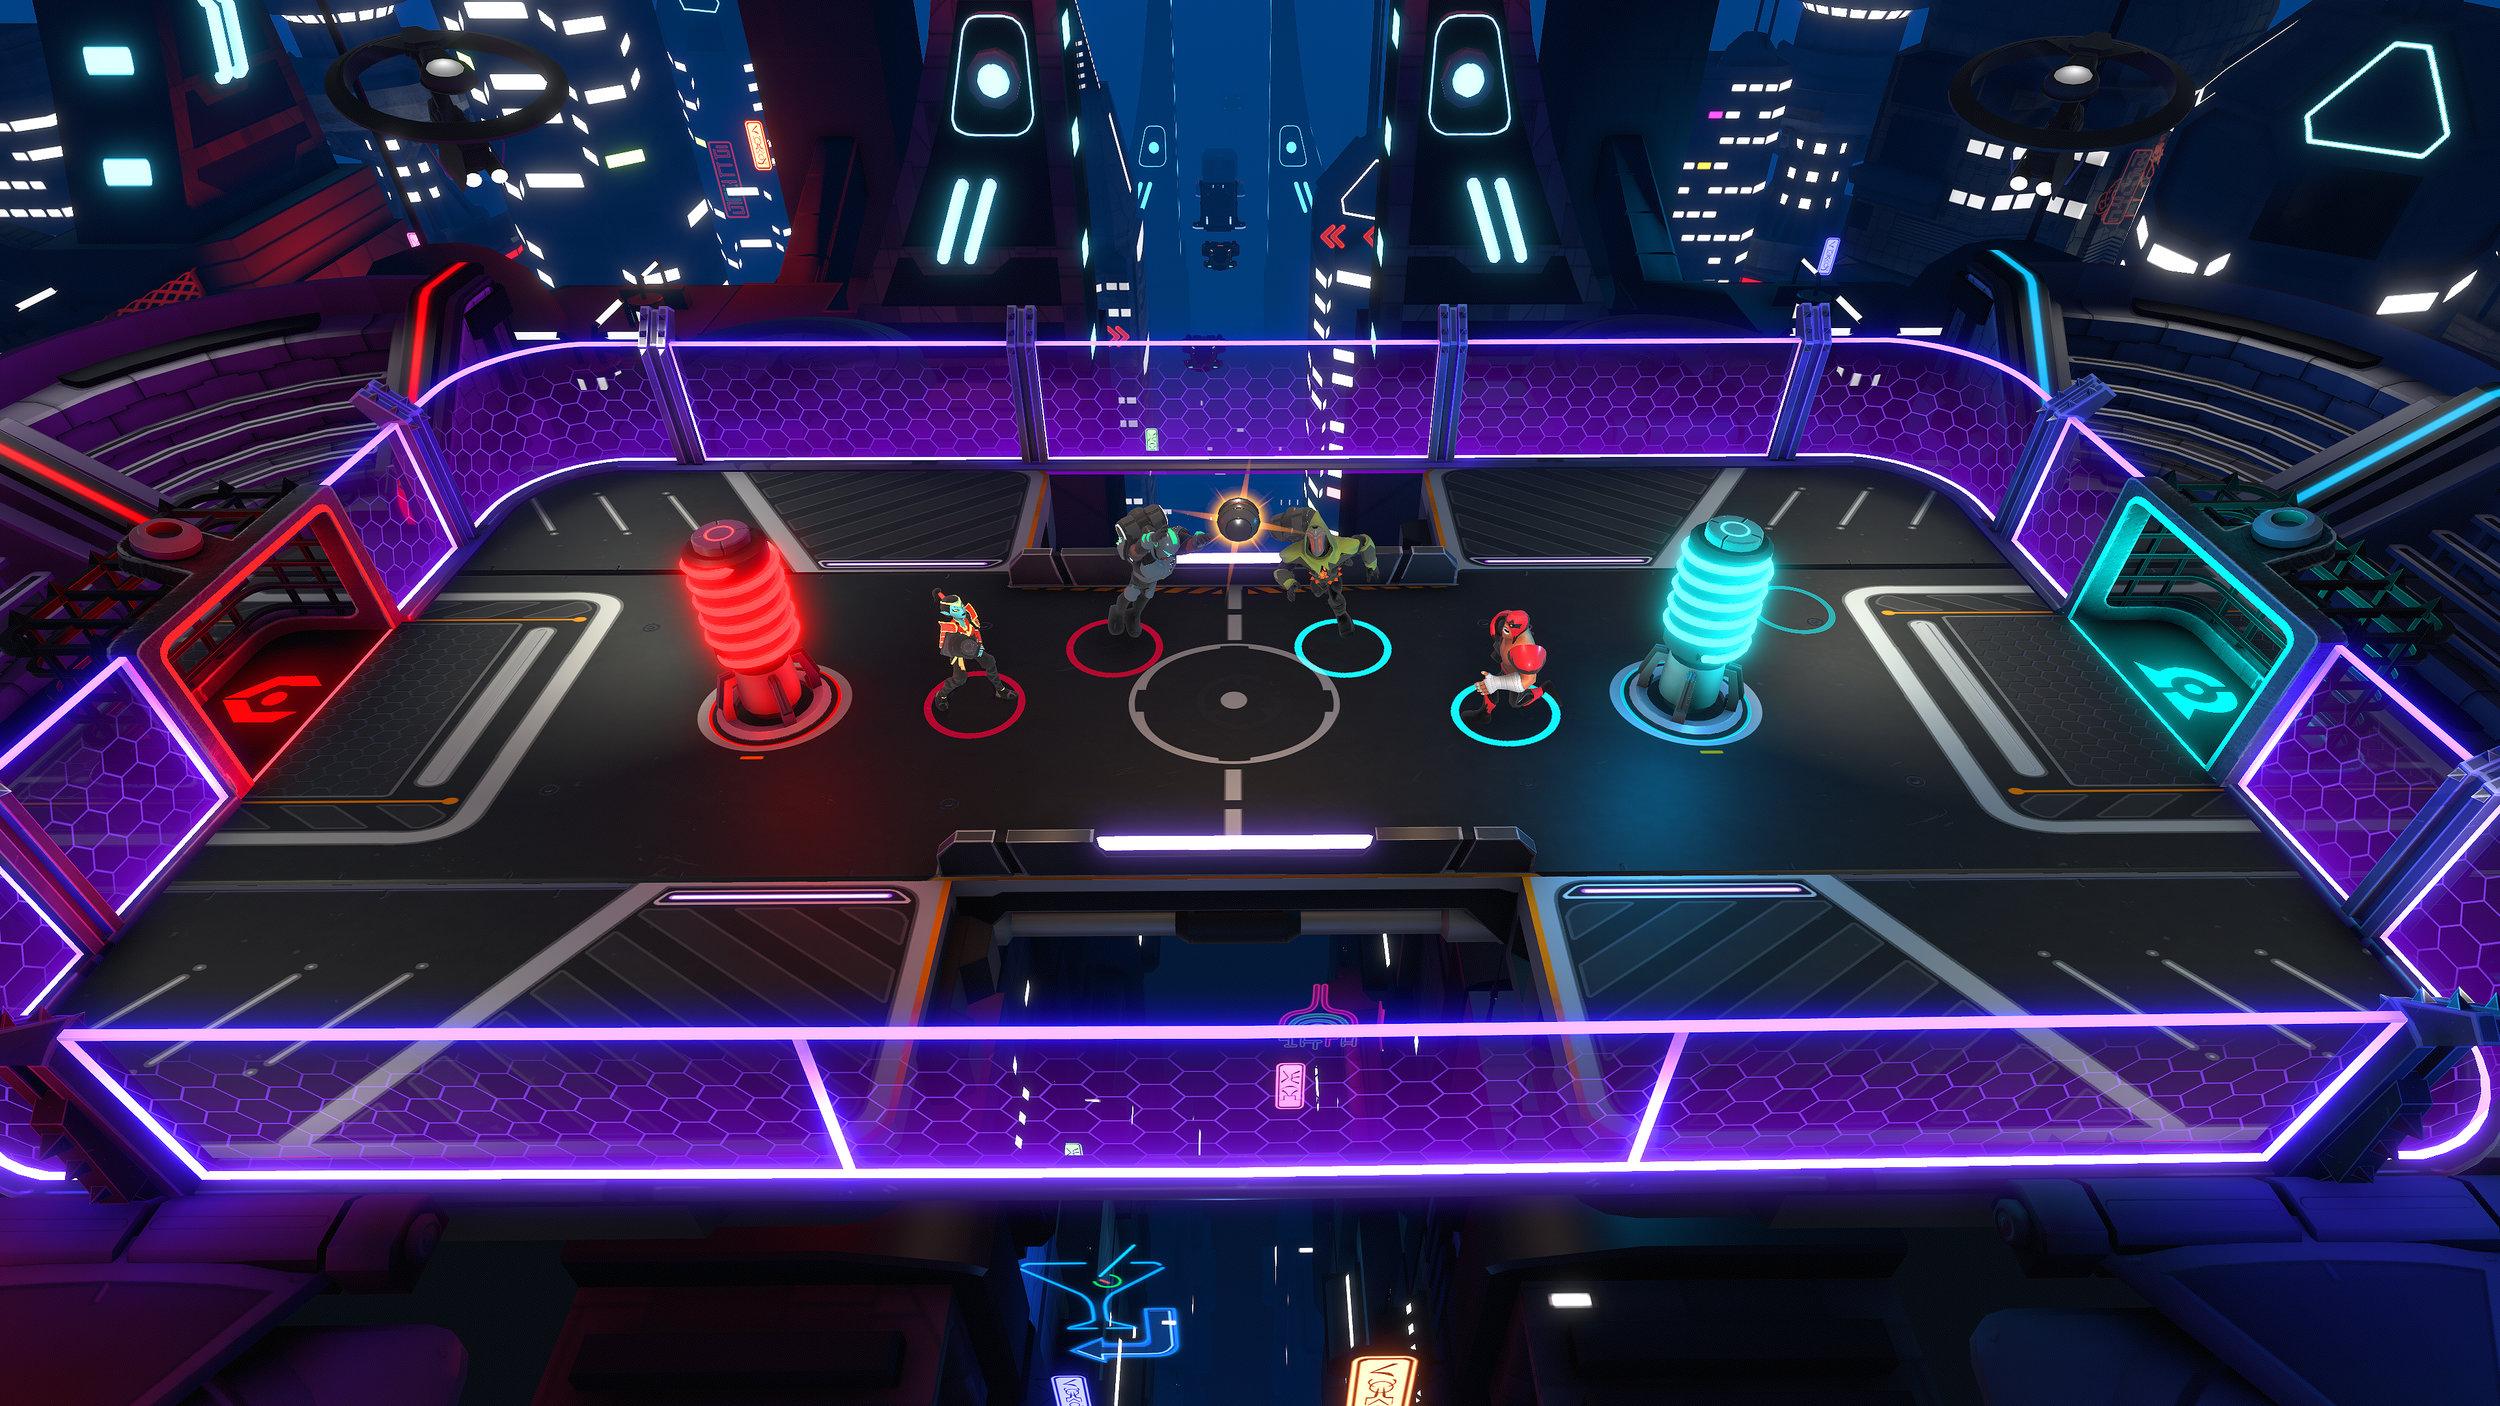 gameplay_stadium_4k.jpg